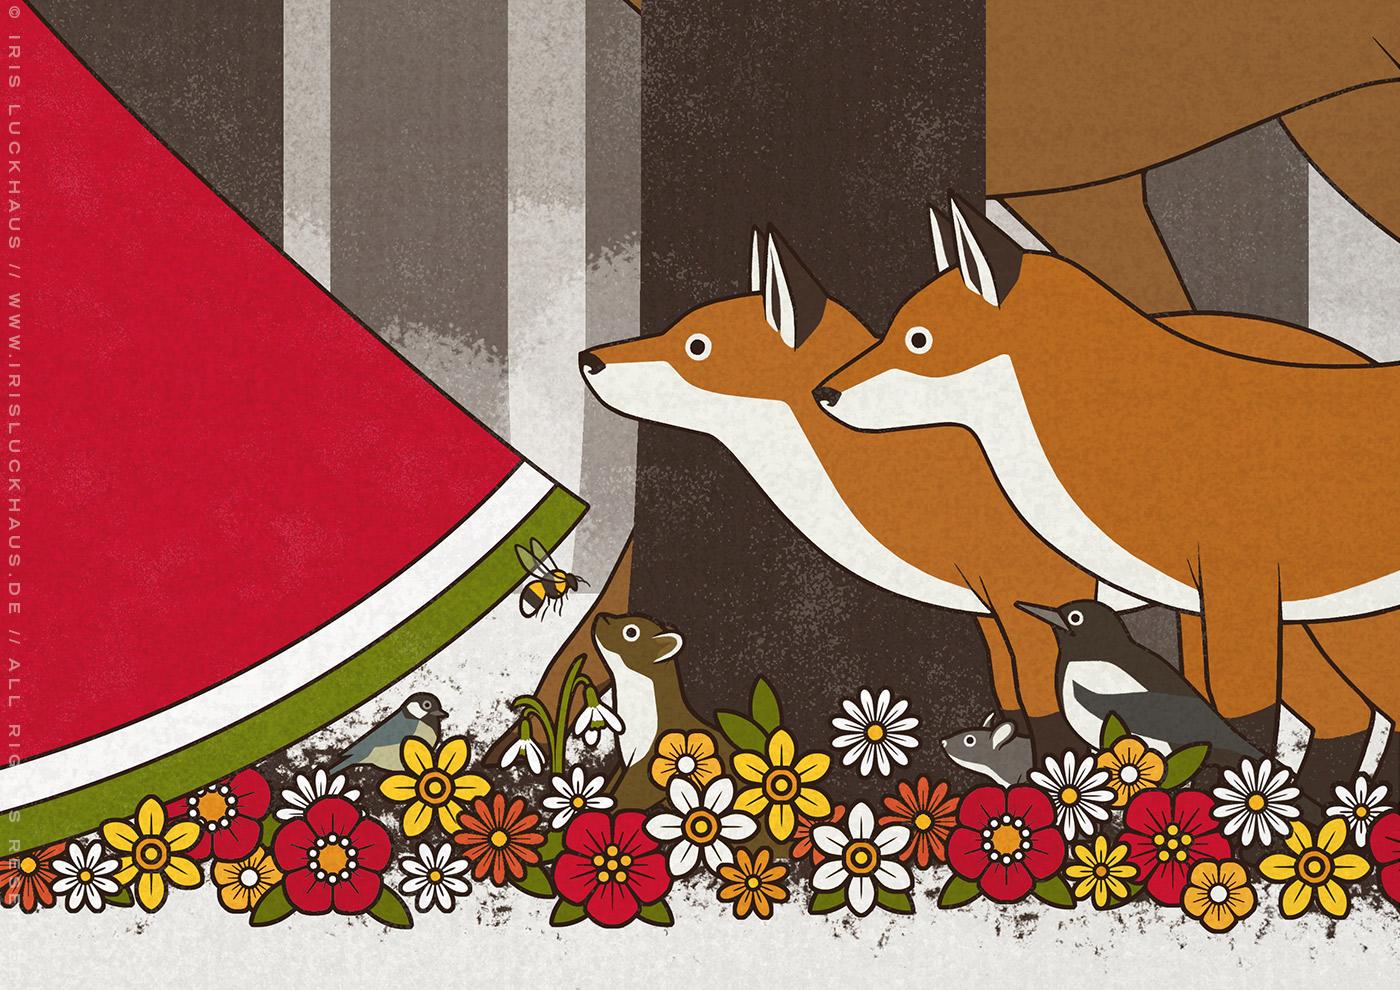 Ausschnitt einer Zeichnung von Flora, Persephone, Proserpina oder Sylvana, die von Tieren wie Eichhörnchen, Rehen und Singvögeln begleitet durch den Wald im Frühling spaziert